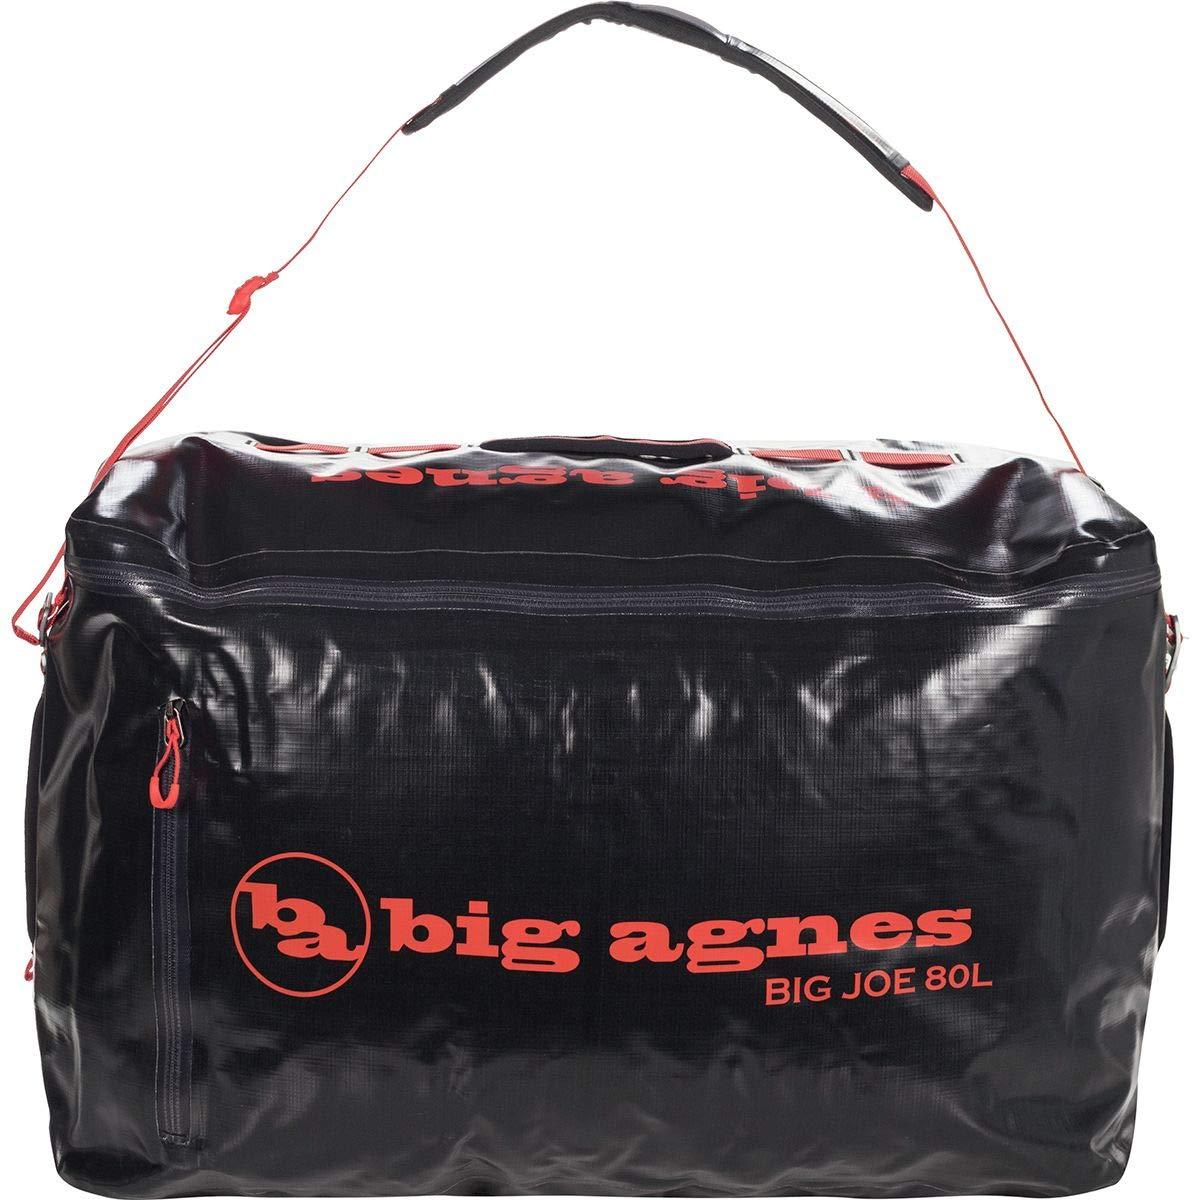 [ビッグアグネス] メンズ ボストンバッグ Big Joe 80L Duffel Bag [並行輸入品] B07P2WNZ4V  No-Size